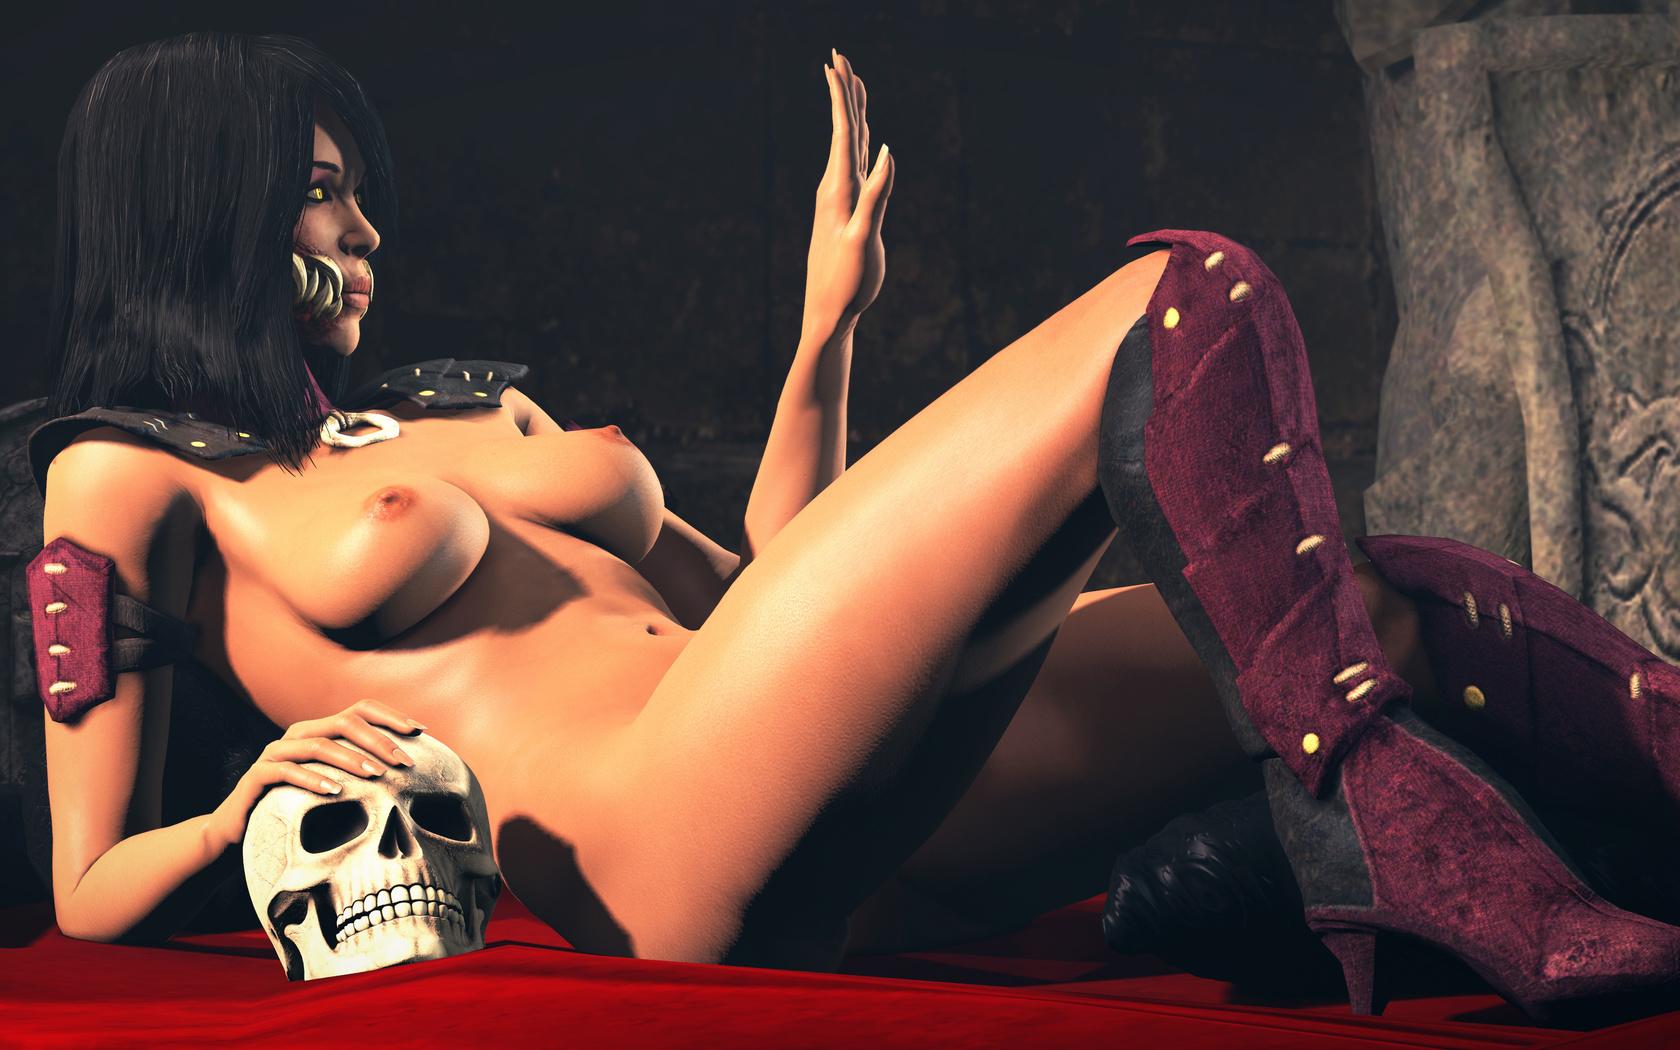 Hot mortal kombat girls porn erotic toons